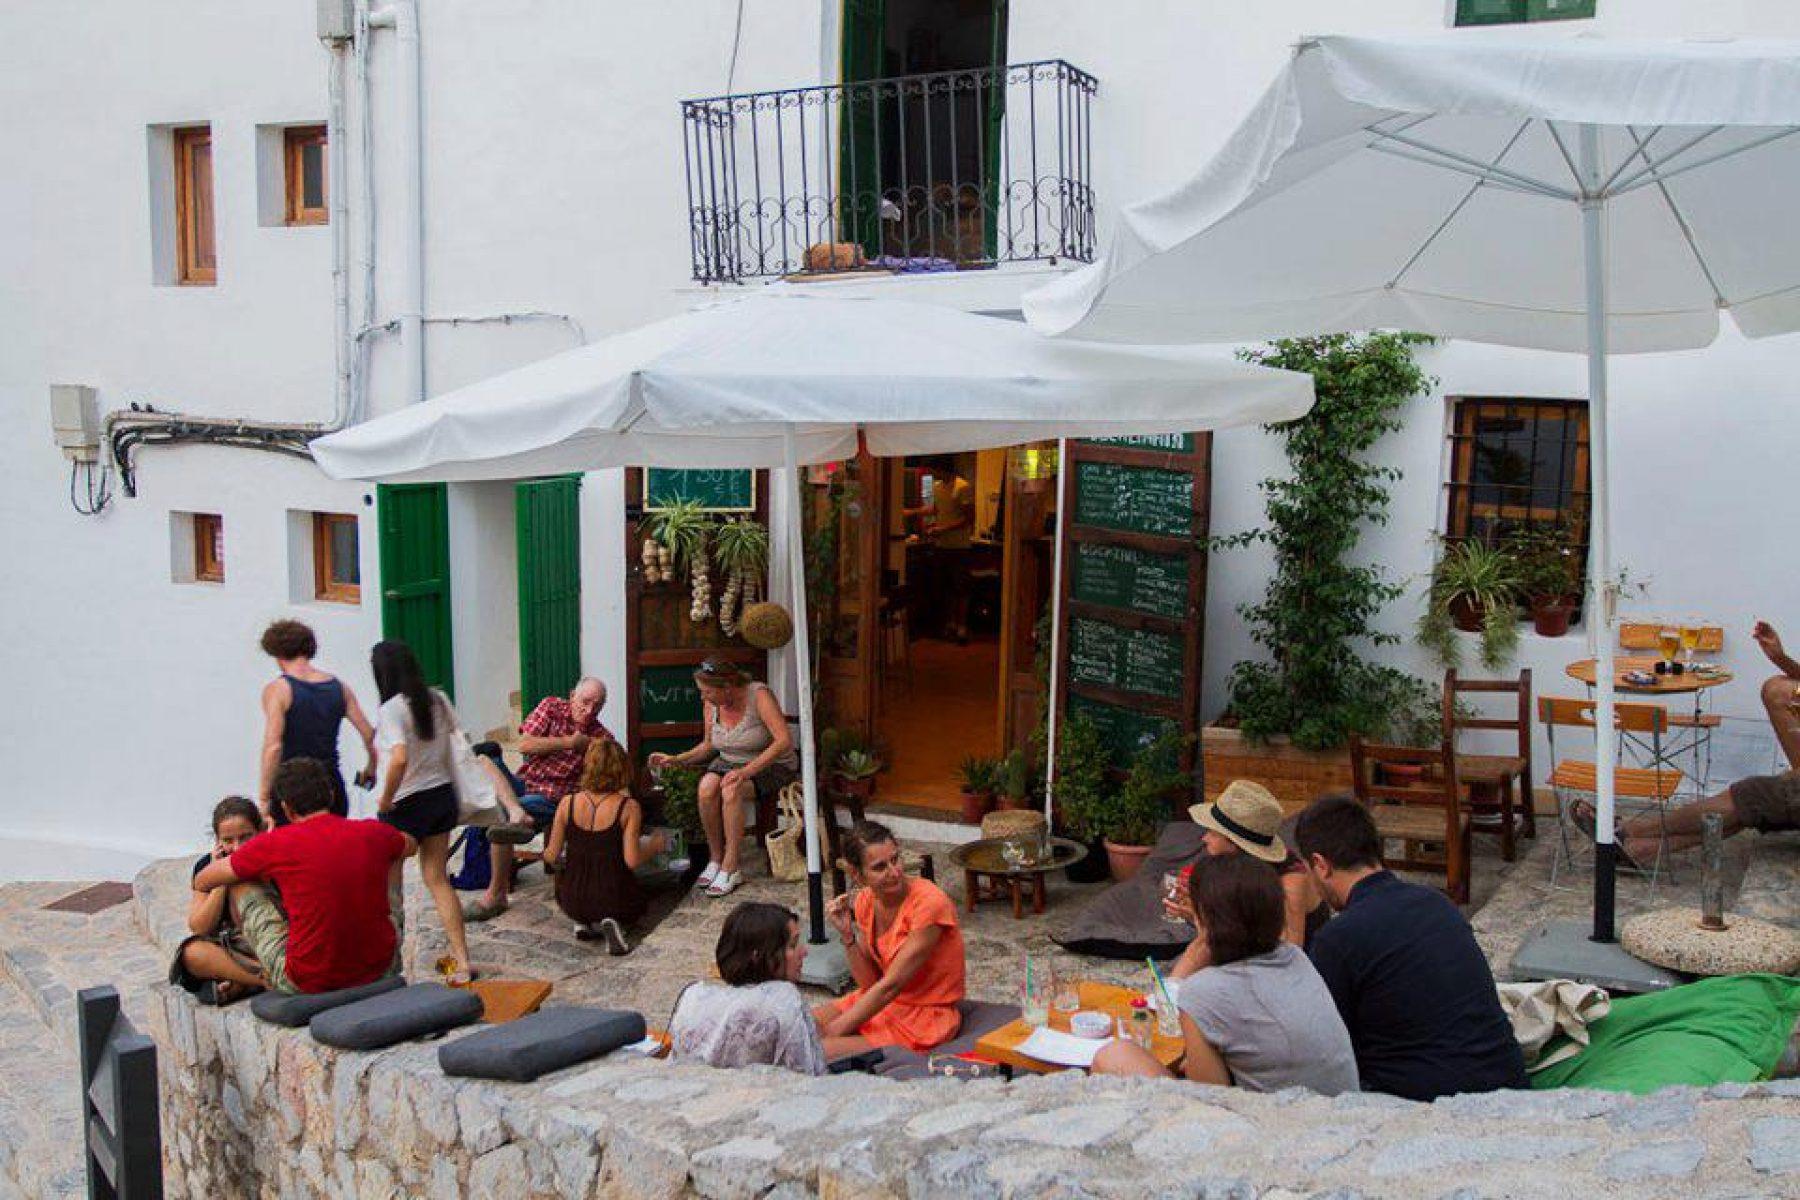 Ibiza Cocktail Bar S-Escalinata